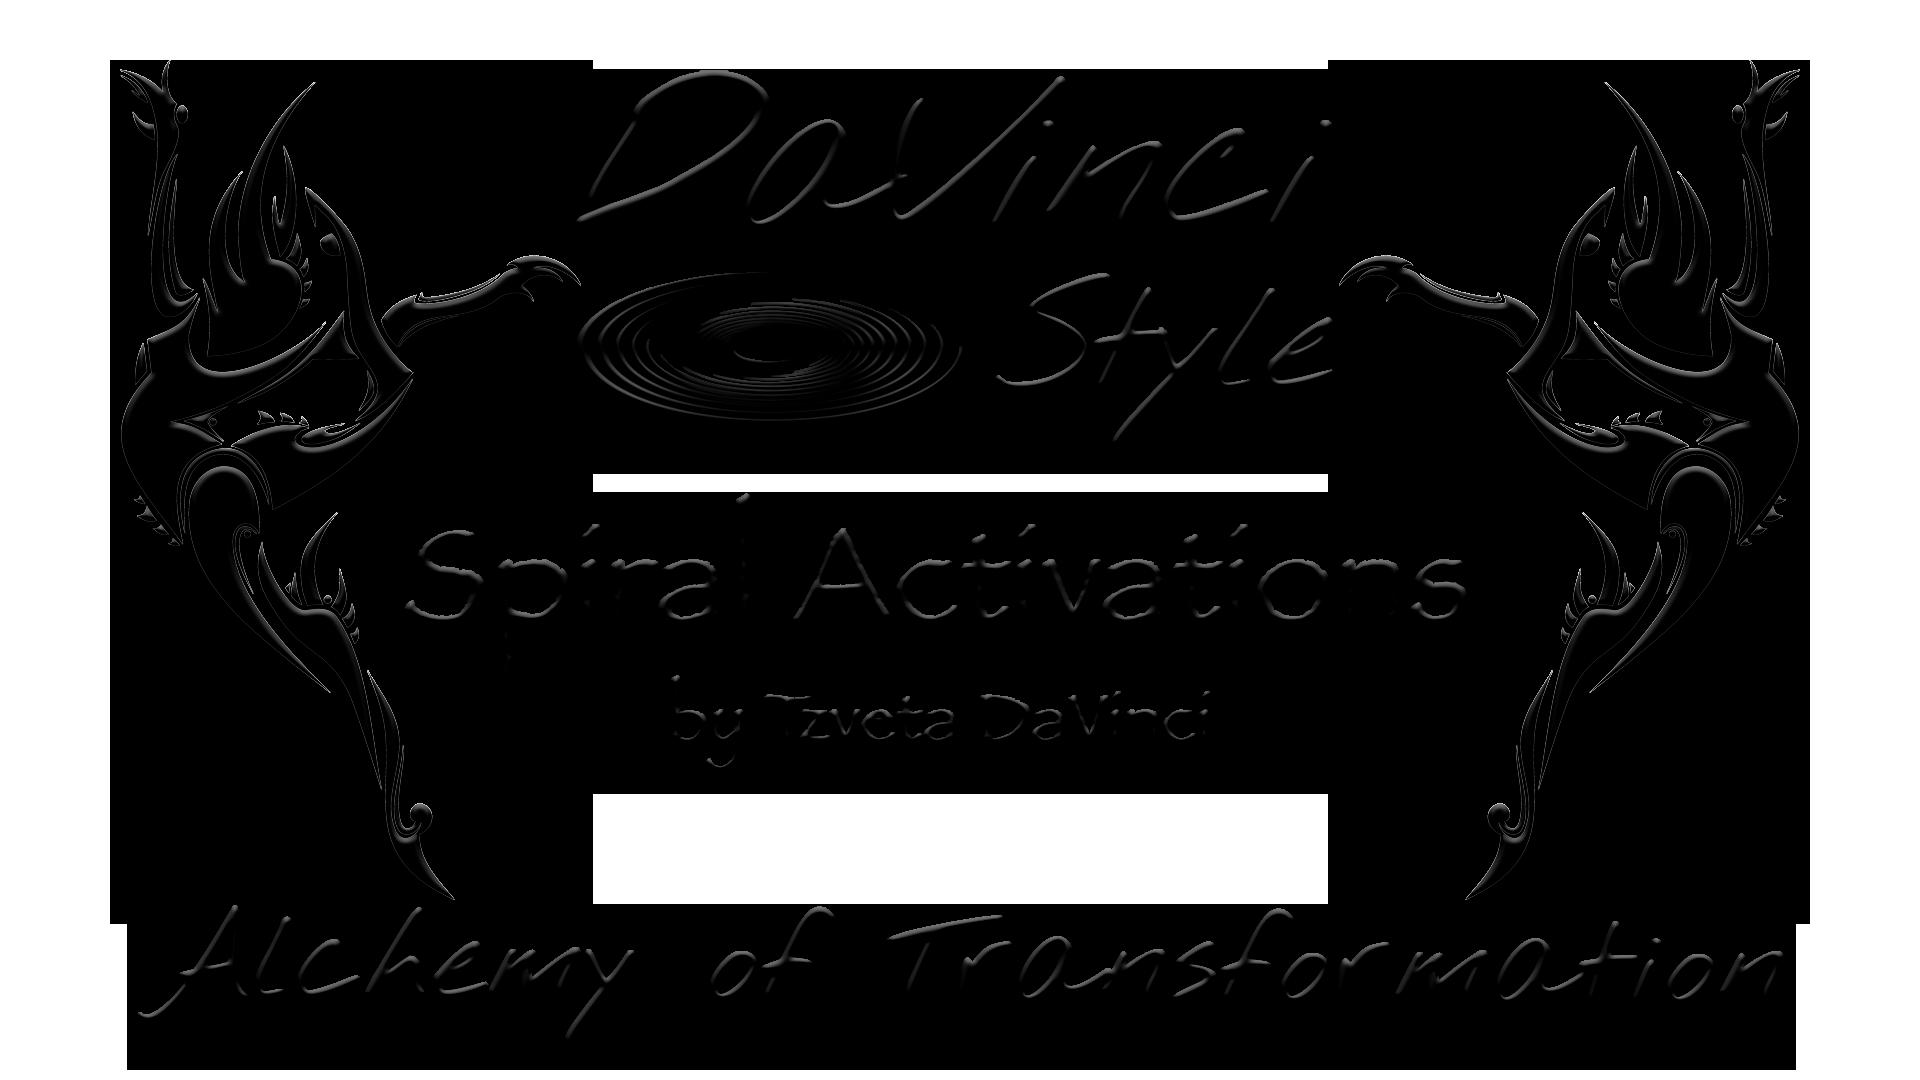 DaVinci Spiral Activation